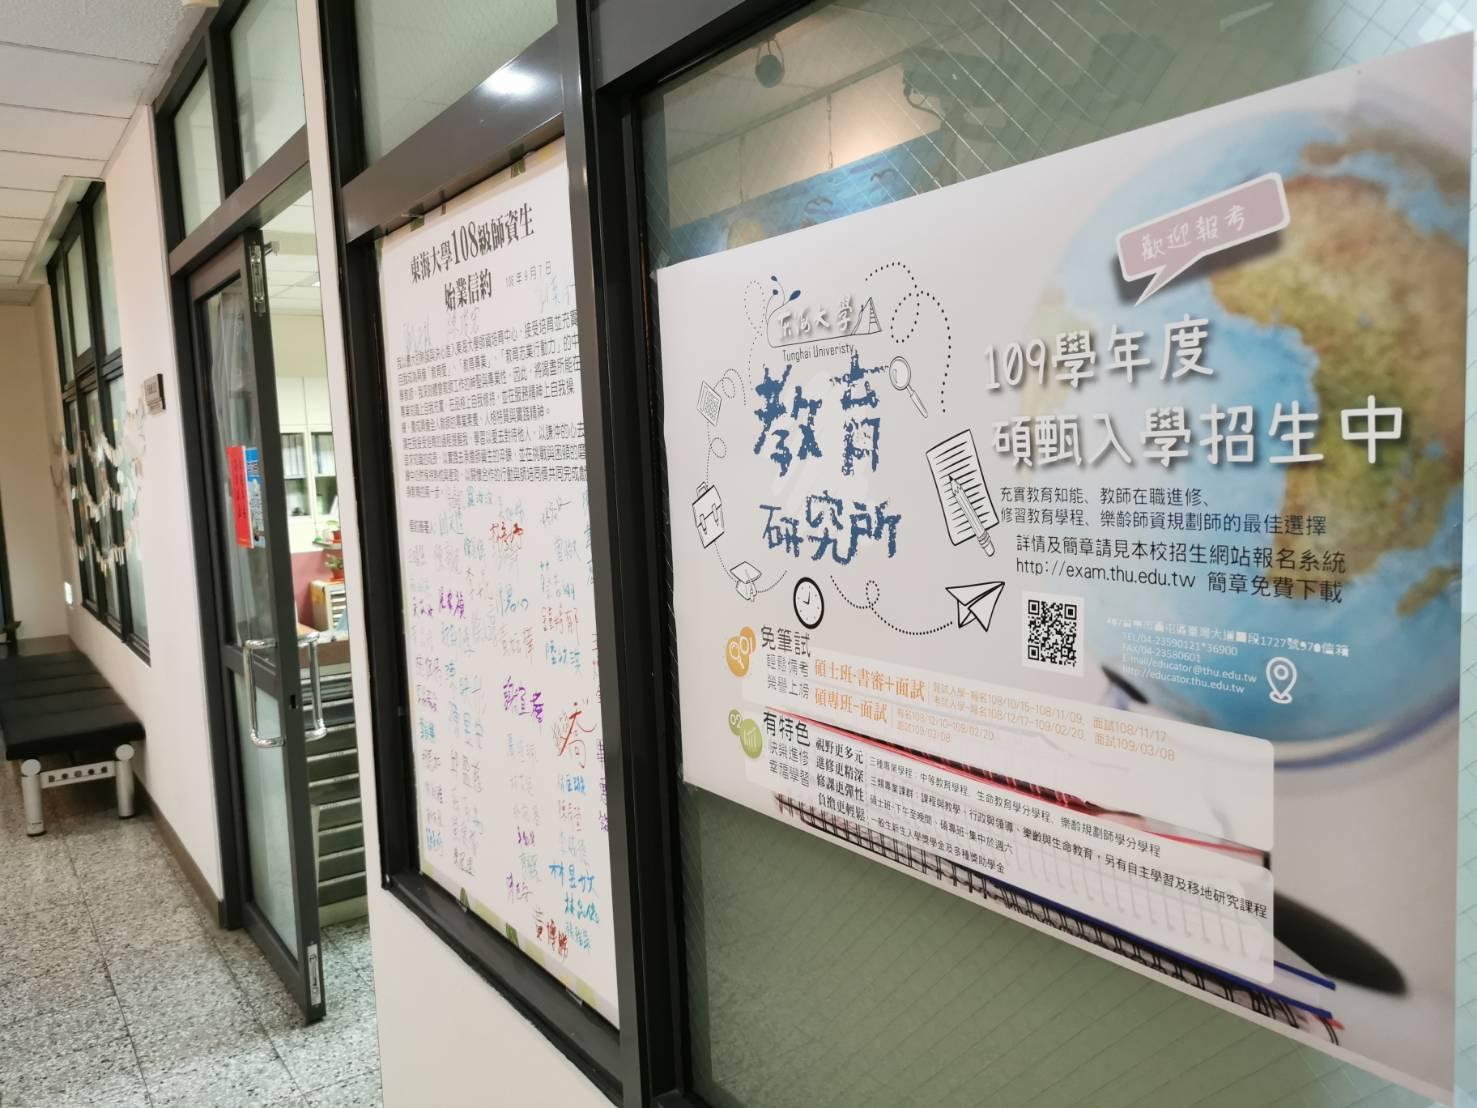 109學年度碩士班招生甄試入學報名10/15-11/9